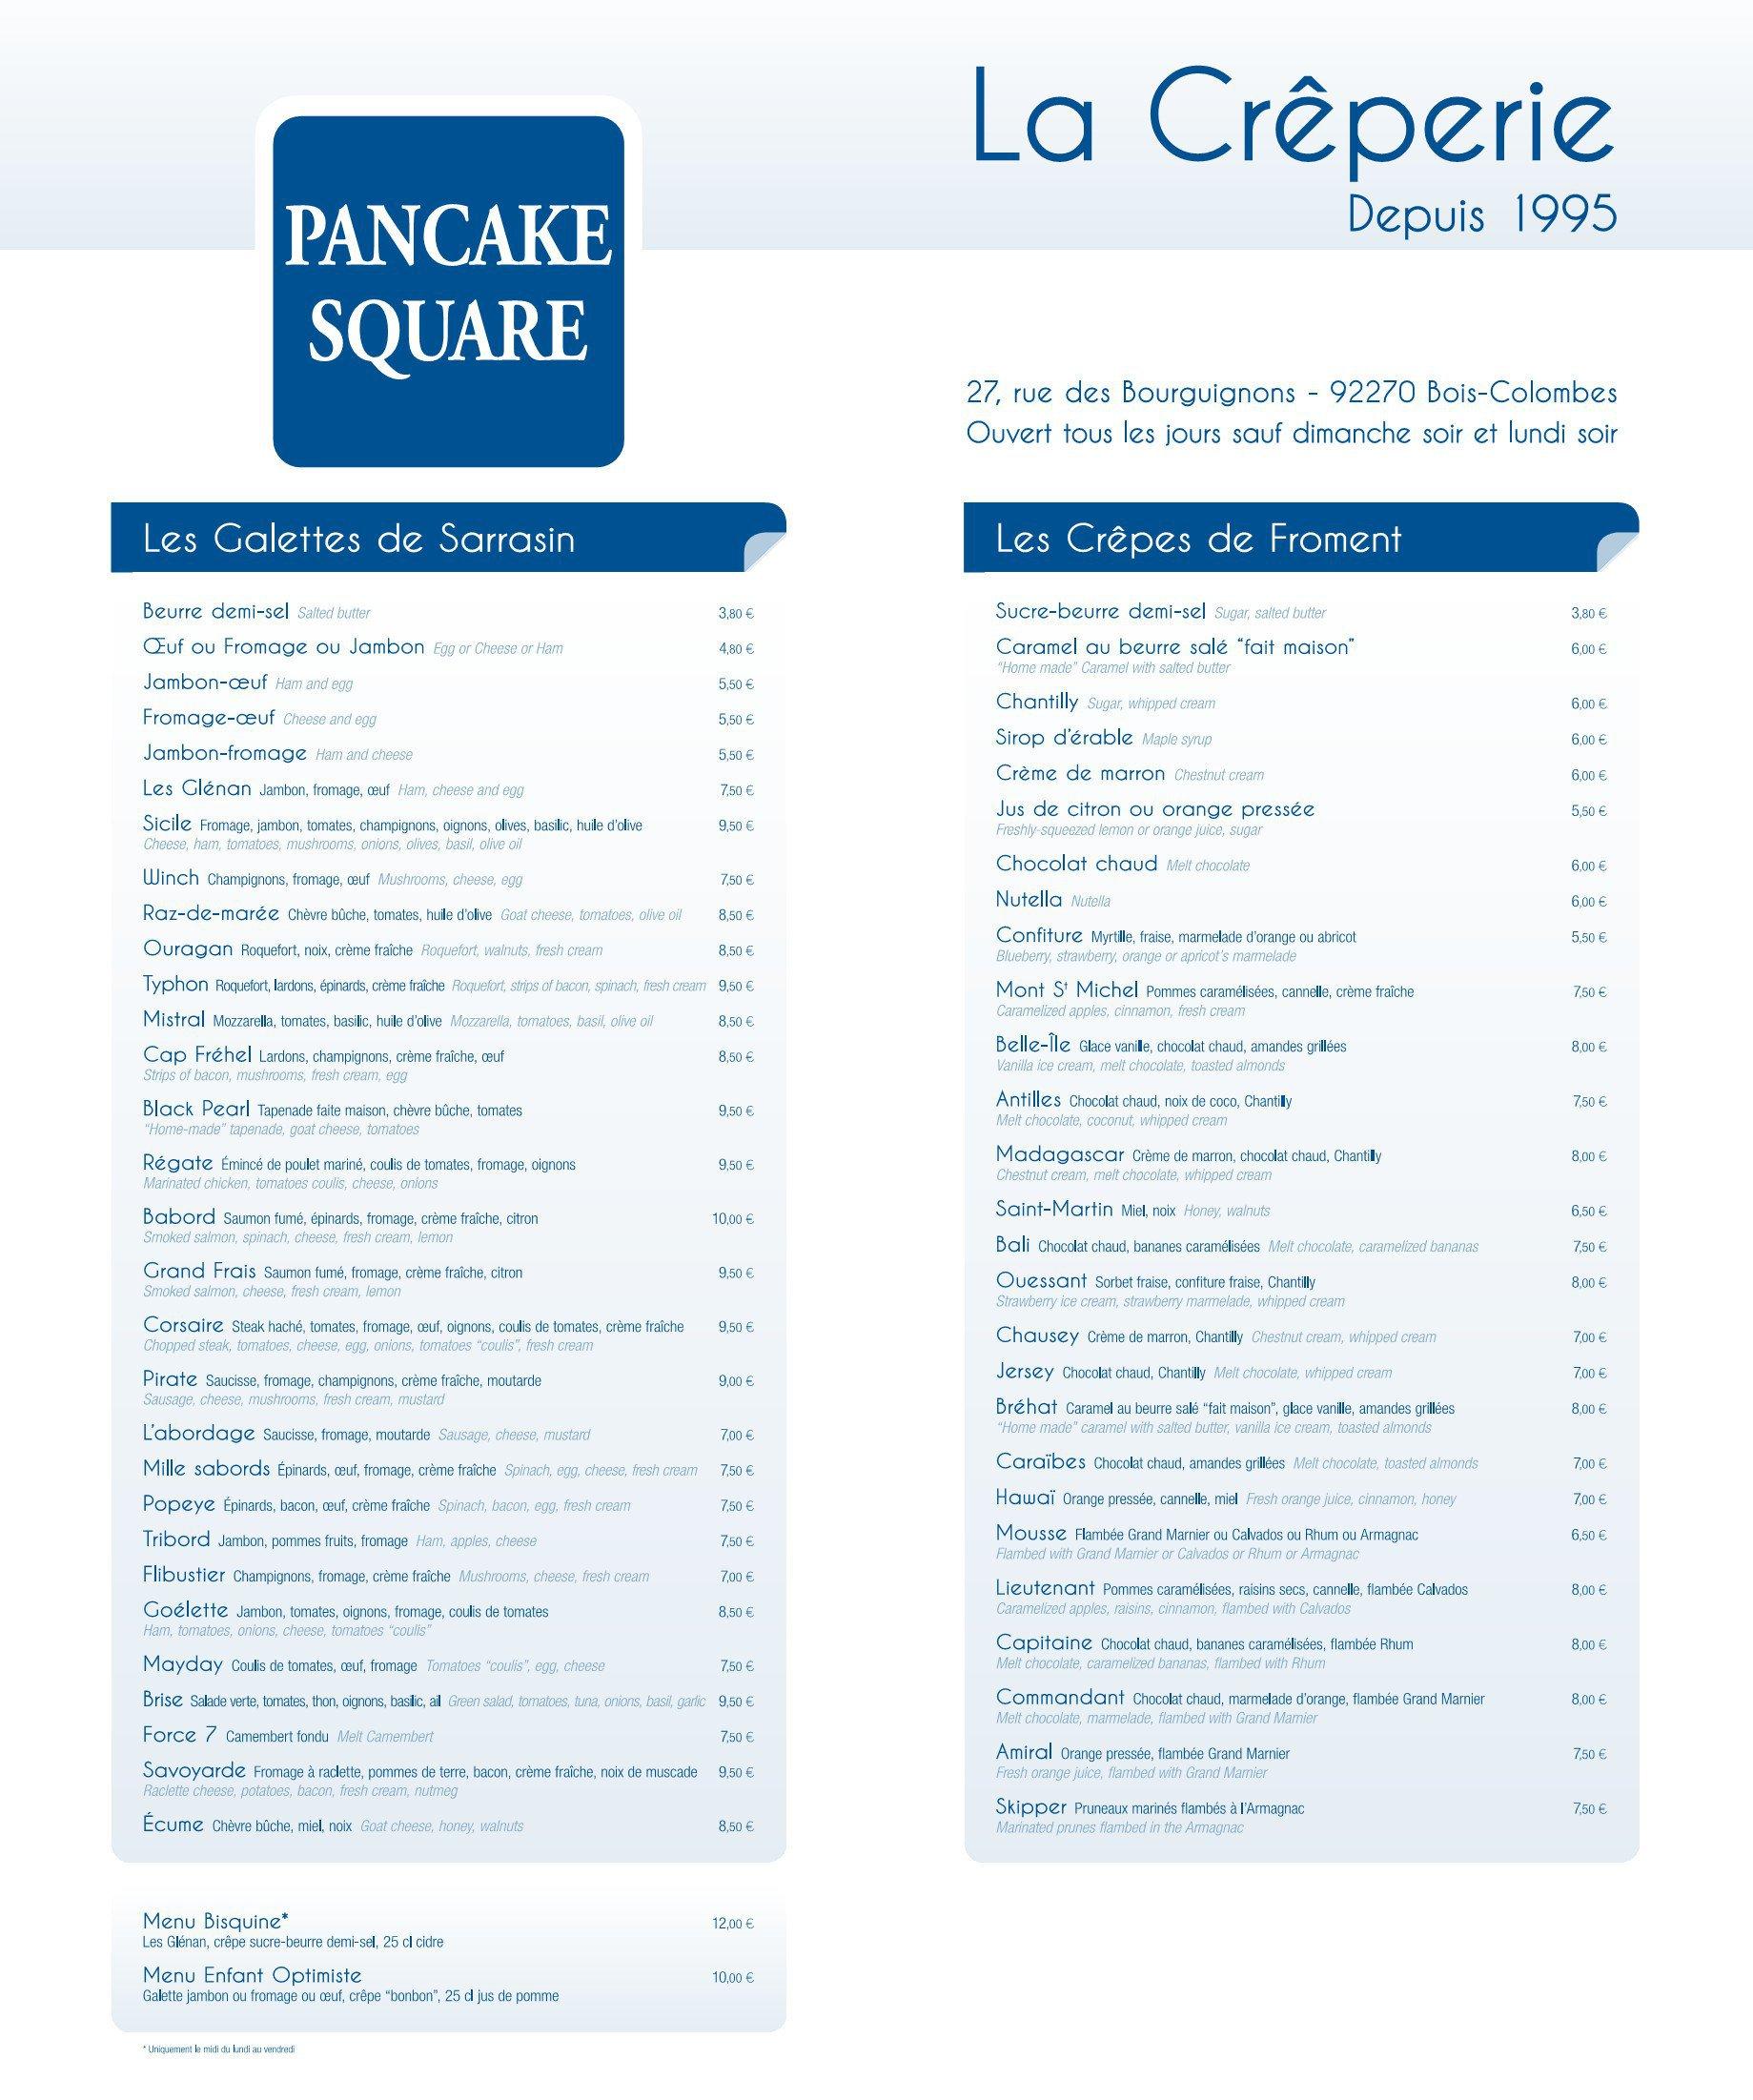 Pancake Squareà Bois Colombes, carte menu et photos # Royal Bois Colombes